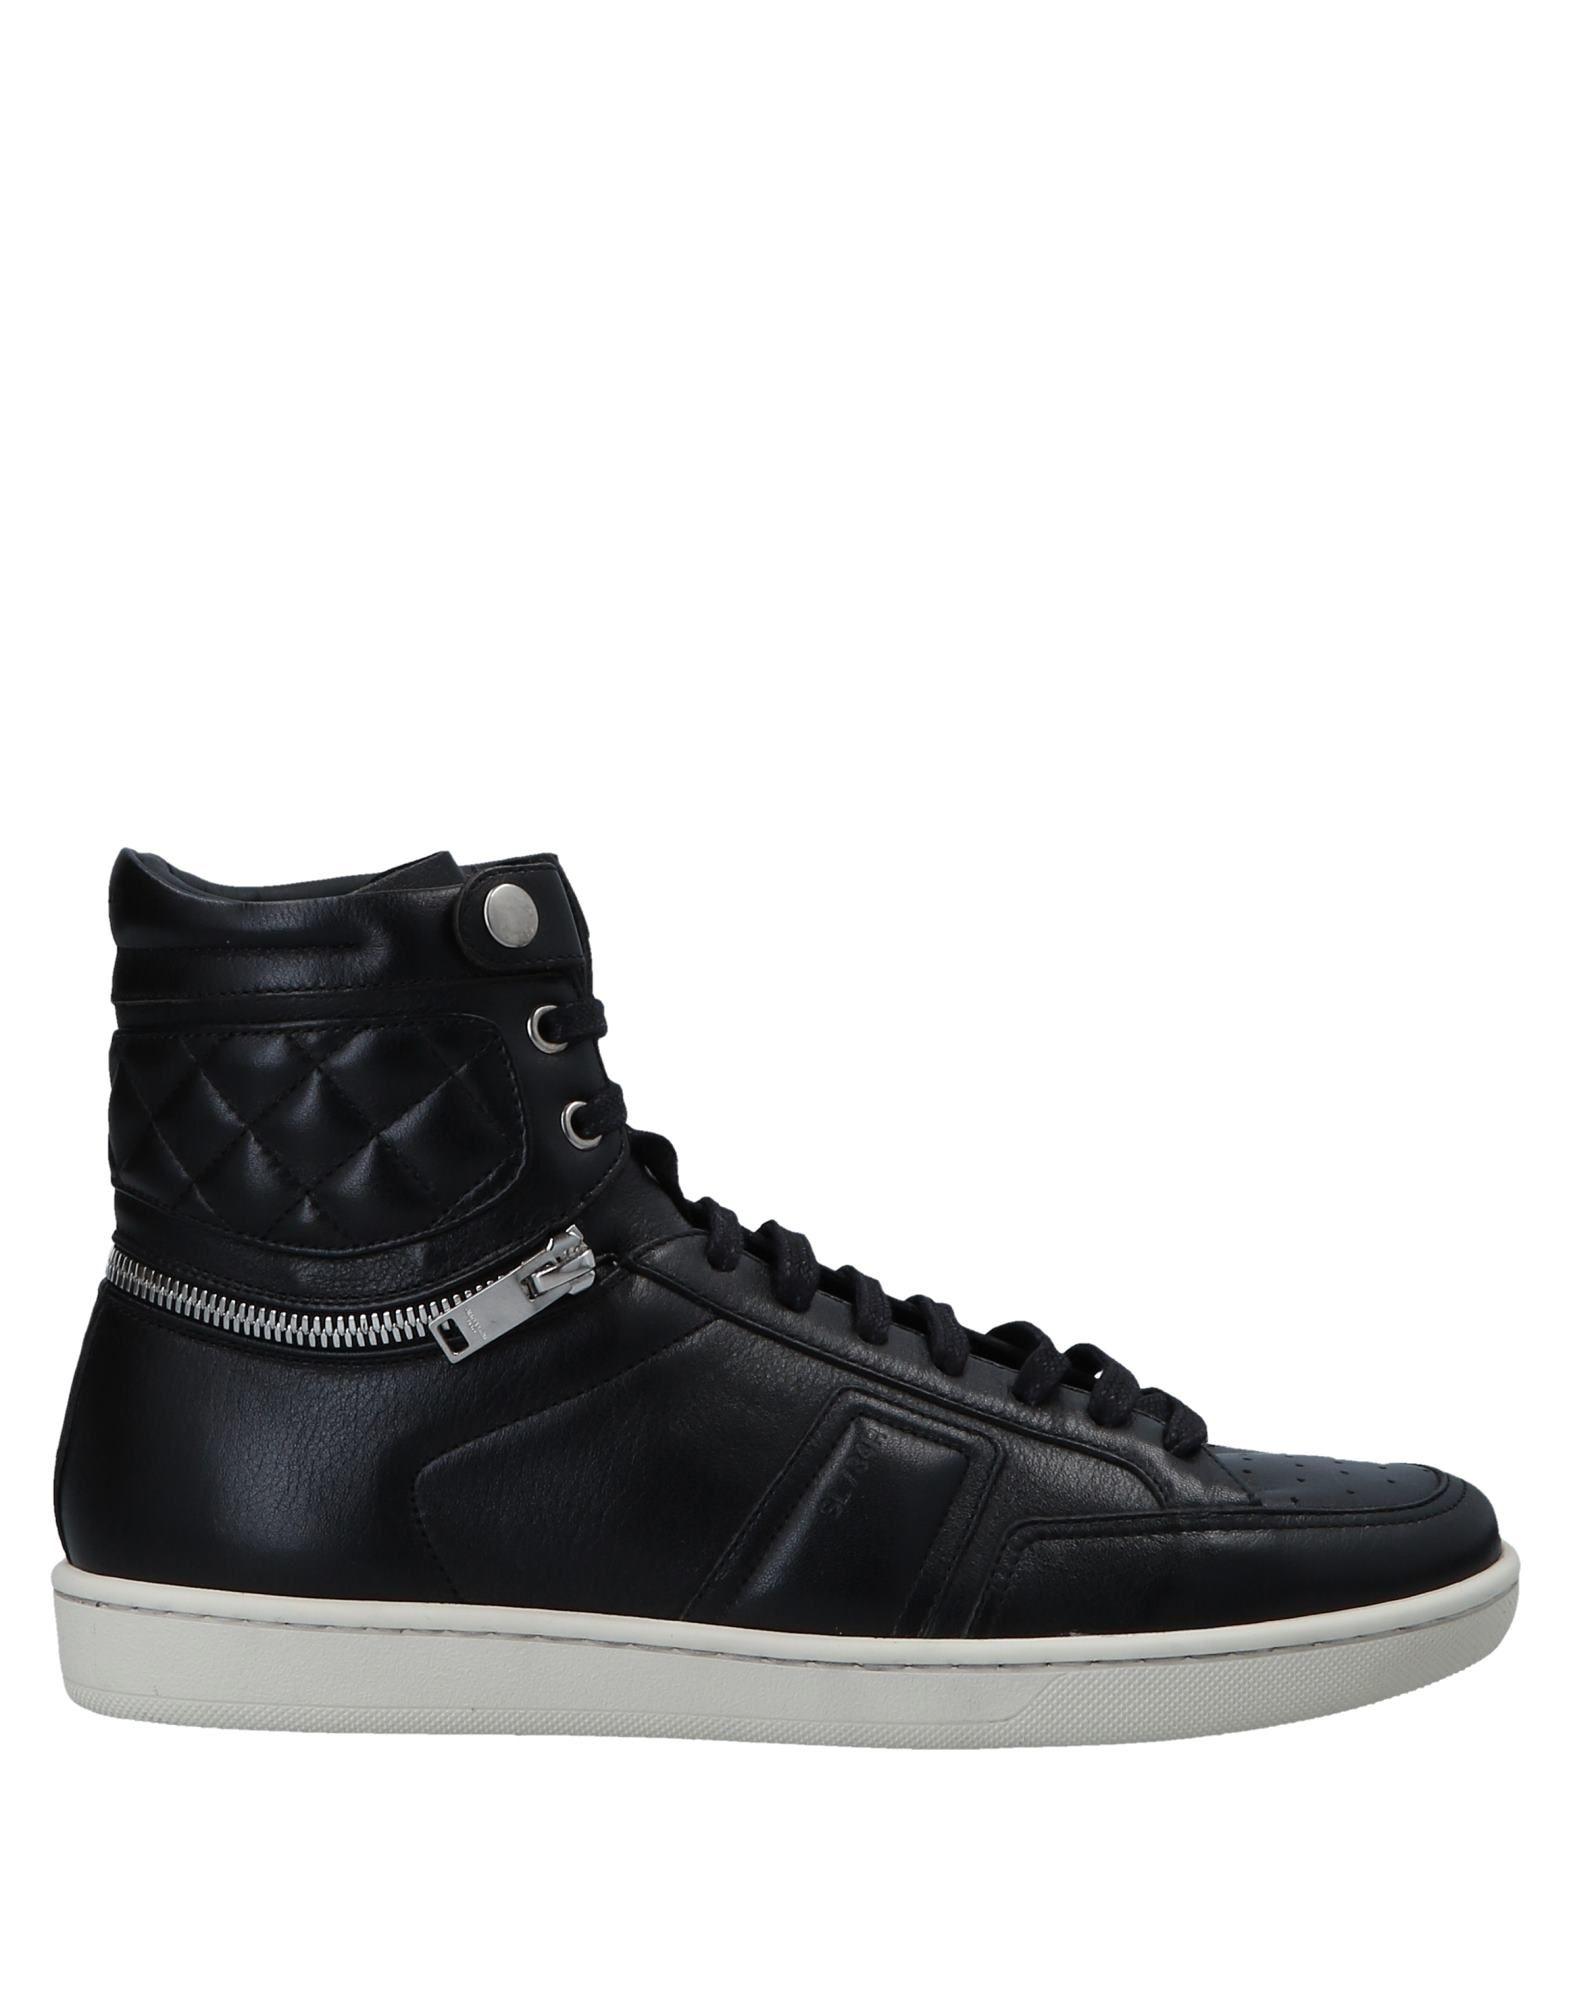 Sneakers Saint Laurent  Homme - Sneakers Saint Laurent  Laurent Noir Dédouanement saisonnier 870ce6